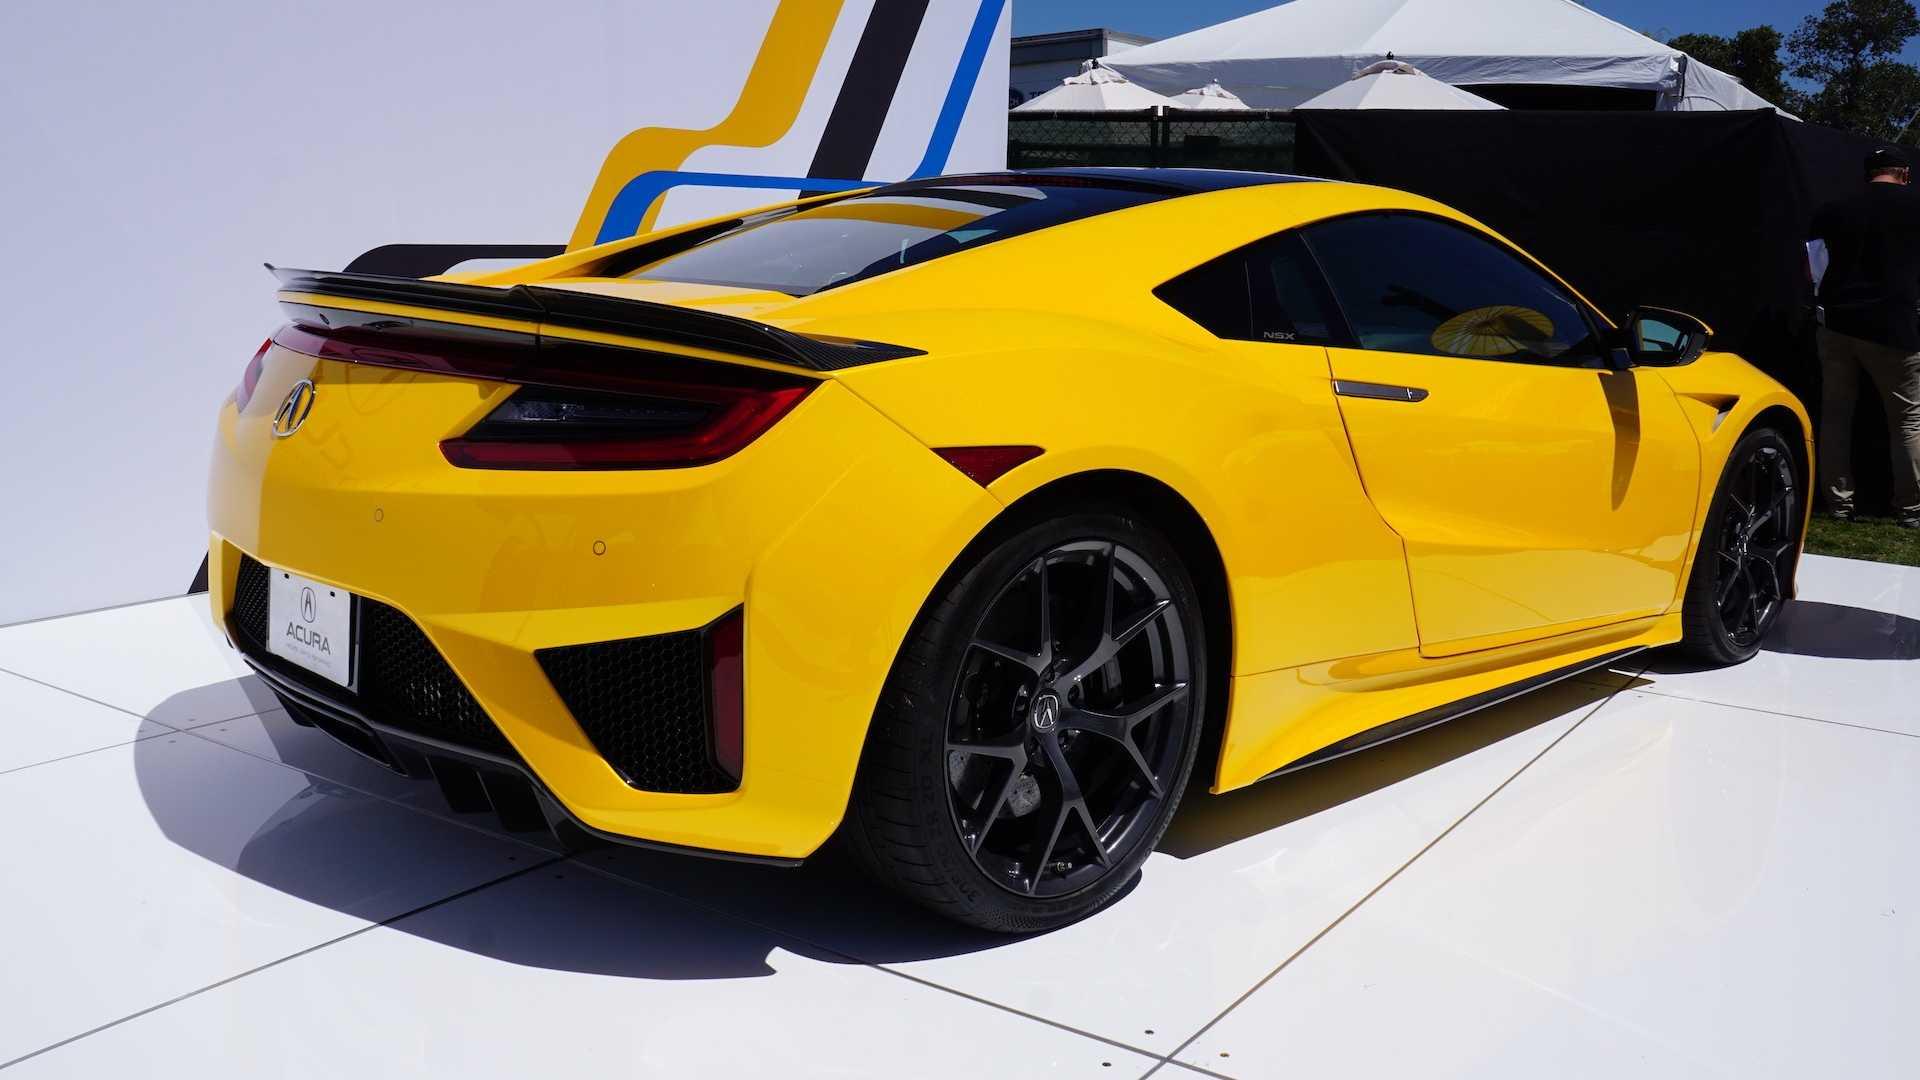 新增印地黄车漆涂装 新款讴歌NSX车型发布